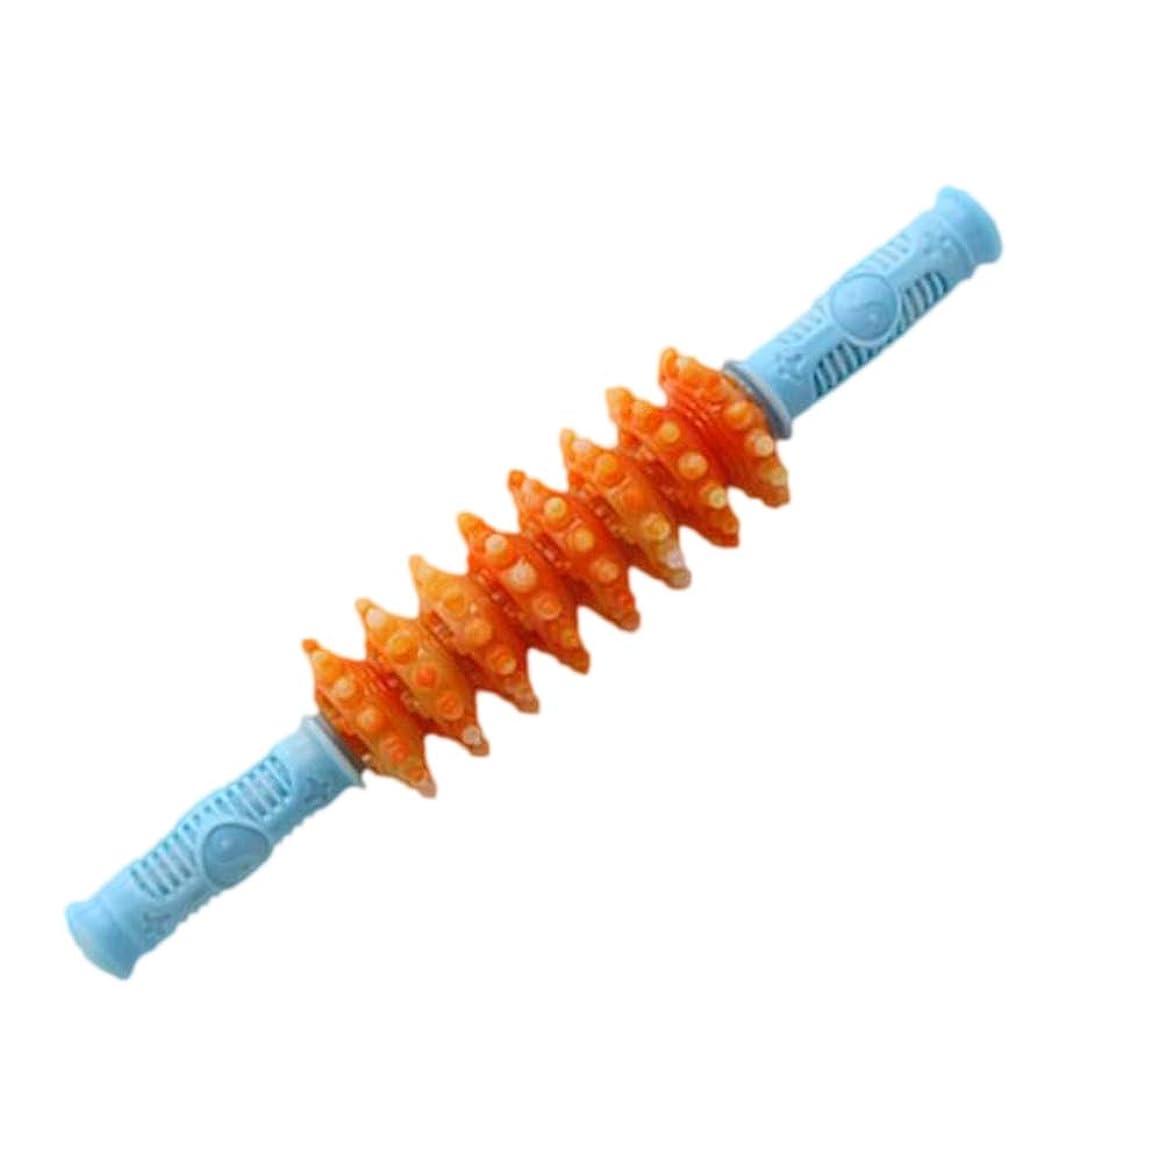 一般化するネット責Healifty 筋肉痛筋肉痛筋膜痛を和らげるためのヨガの筋肉ローラーマッサージスティック